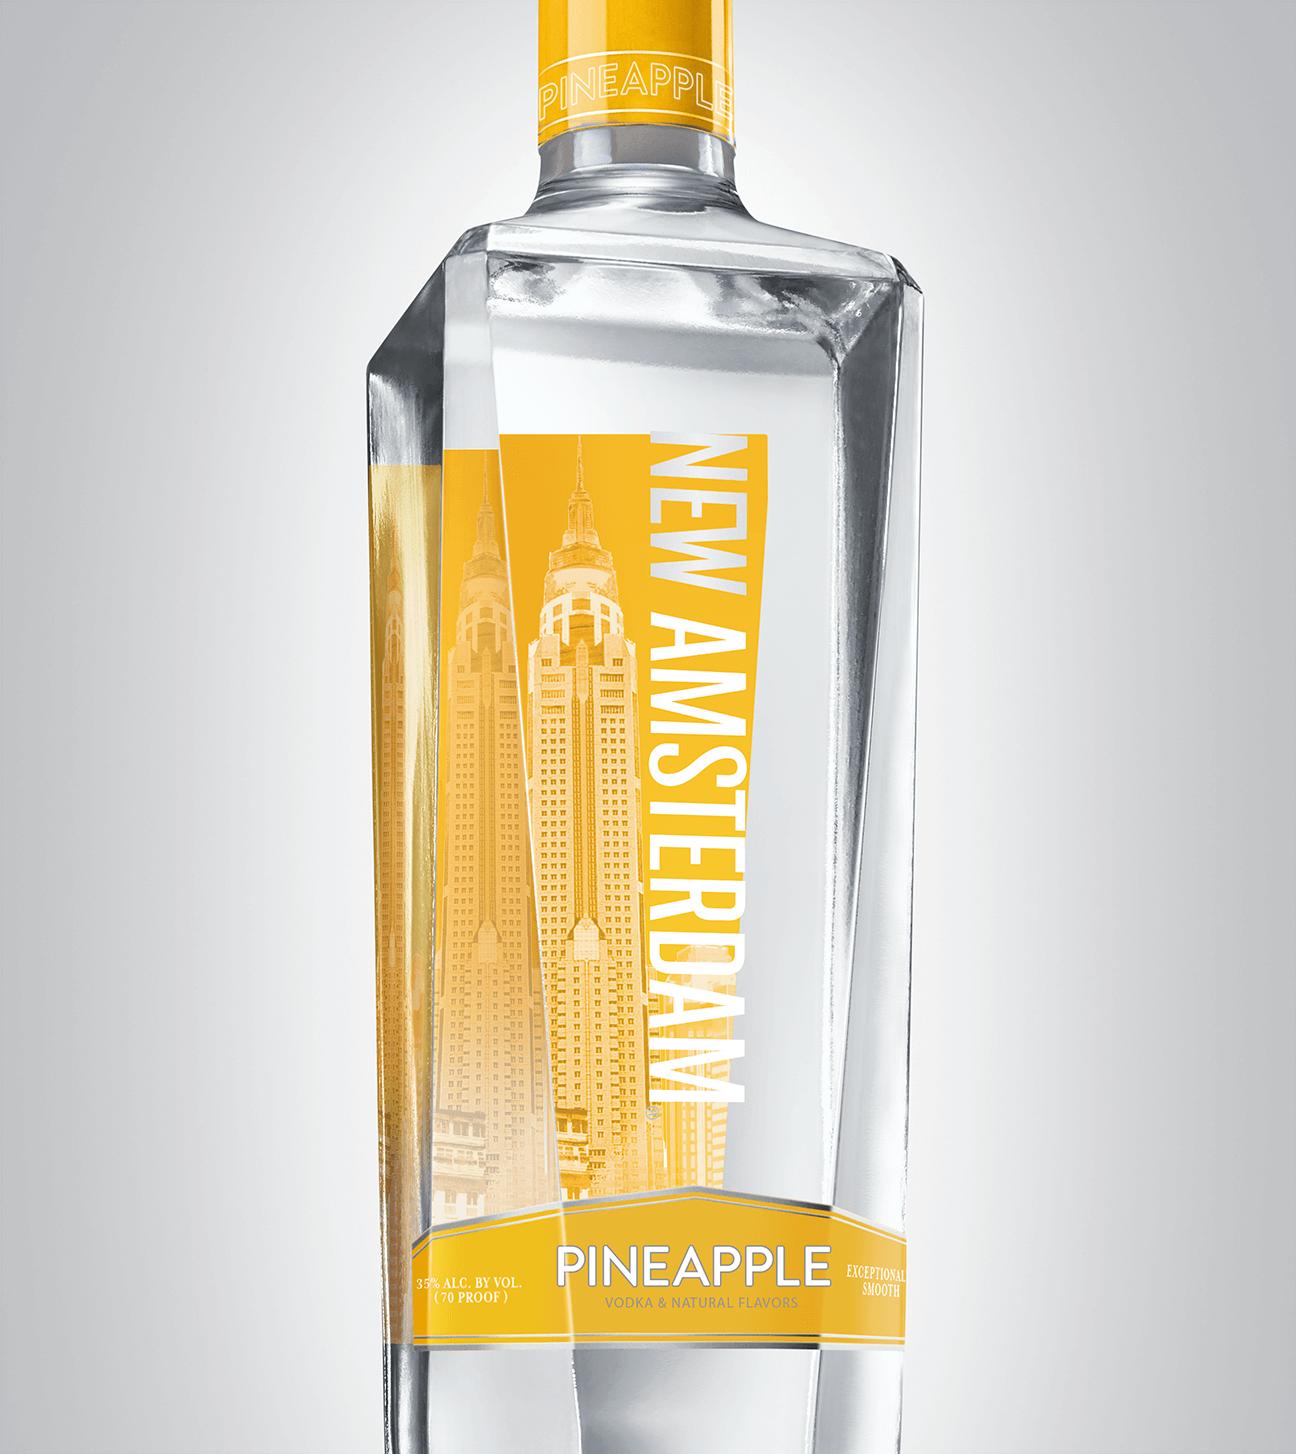 Bottle of New Amsterdam Pineapple